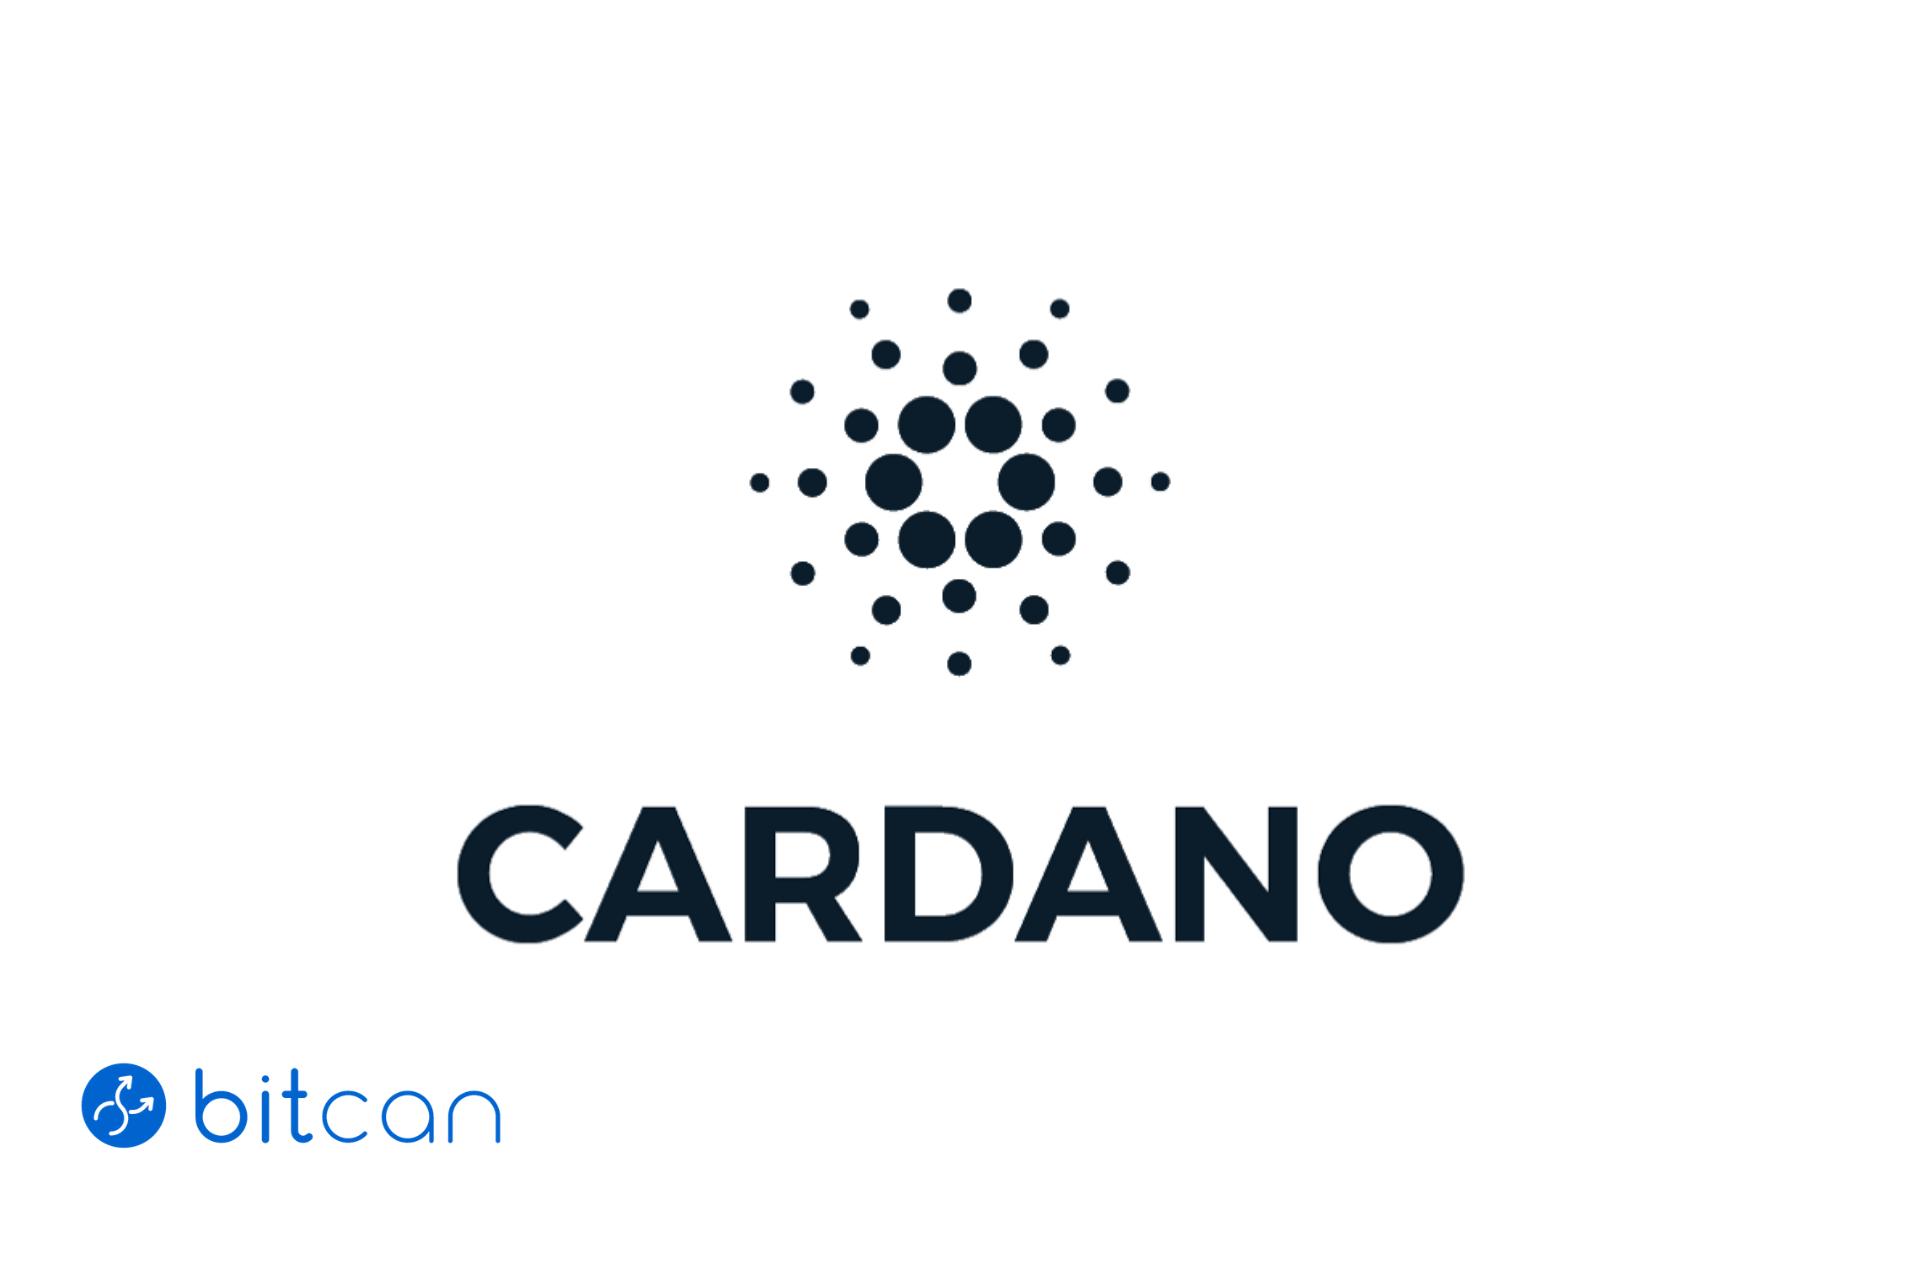 Co to jest Cardano? Opis projektu i kryptowaluty ADA